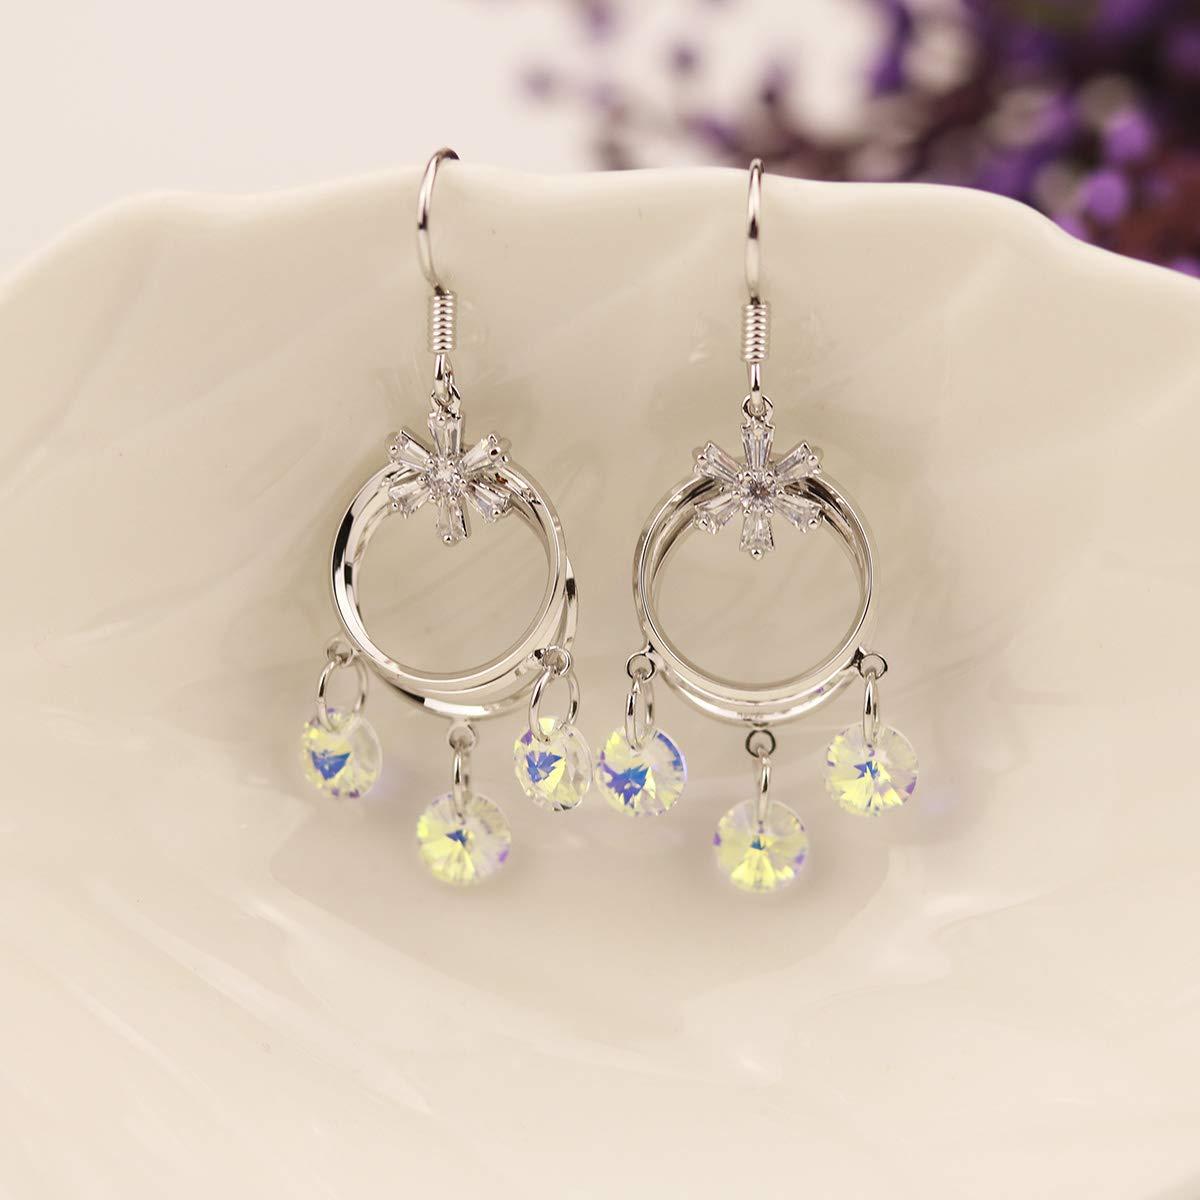 LANTAI Sparkle Cubic Zirconia Earrings Tassel CZ with Flower Rhinestone Earrings for Women Girls Silver